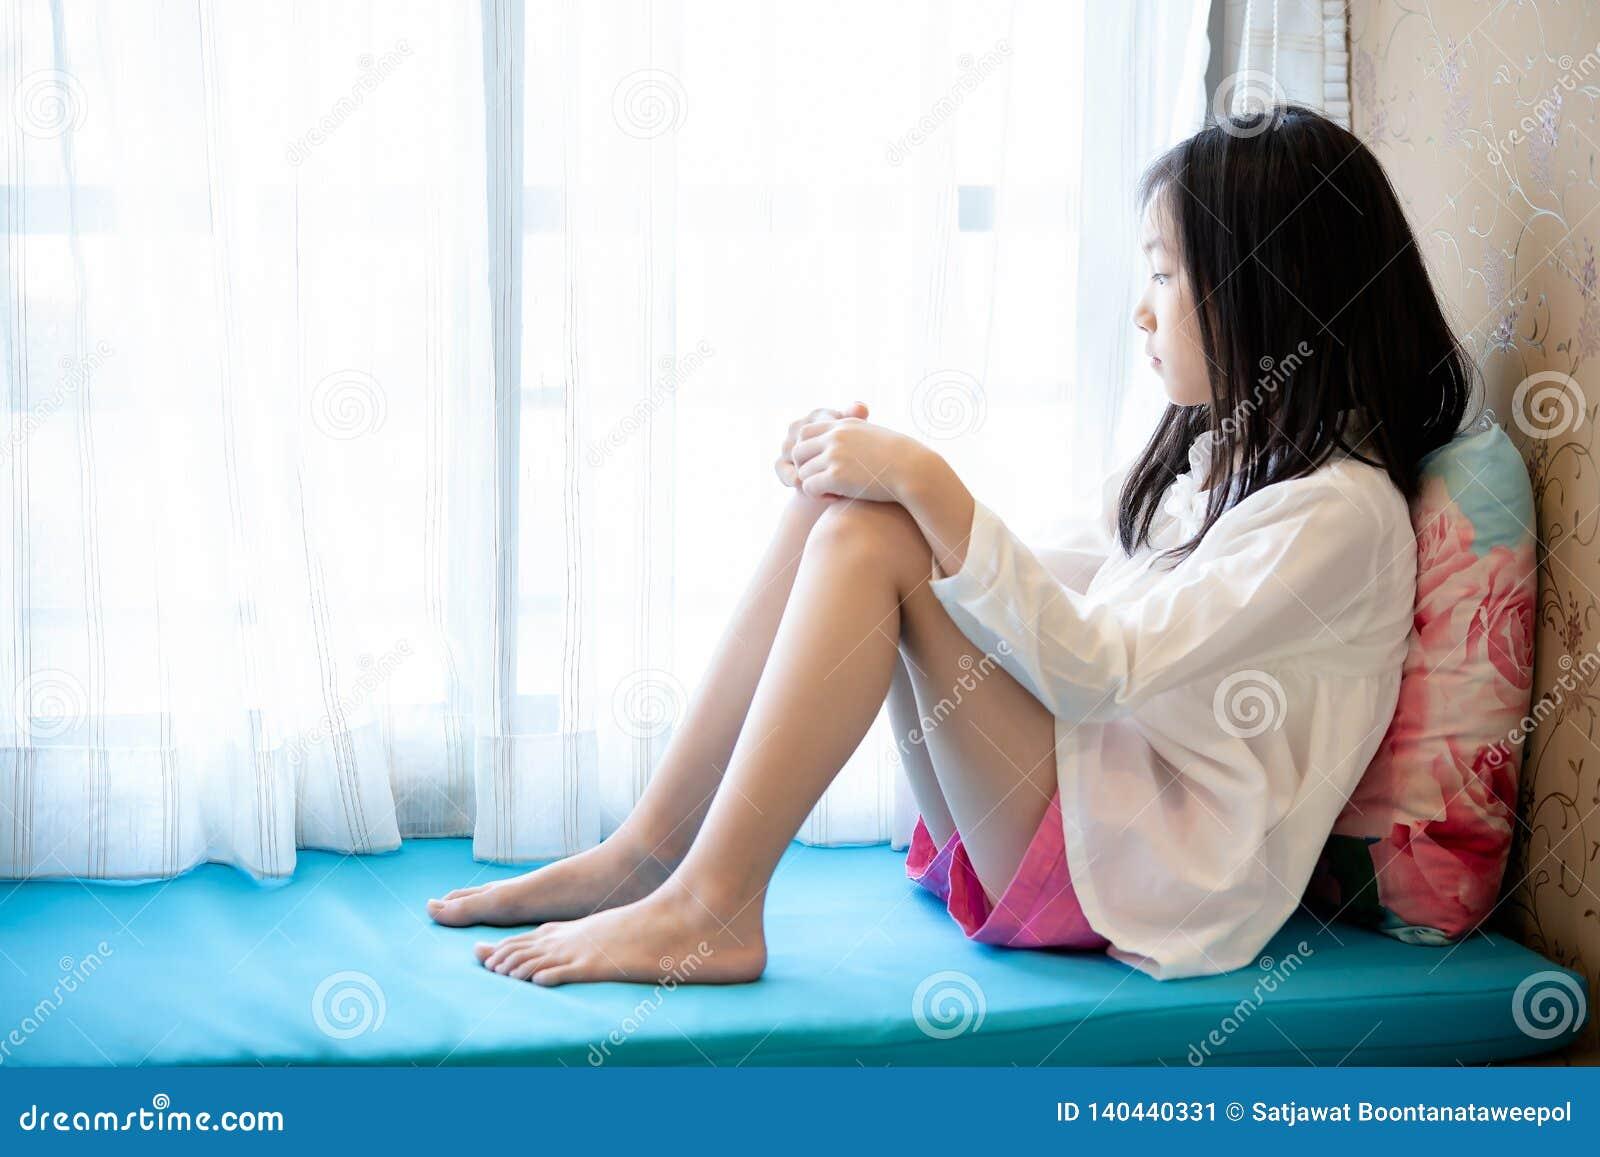 Asiatisk flicka som väntar, sitter och ser fönstret i hem